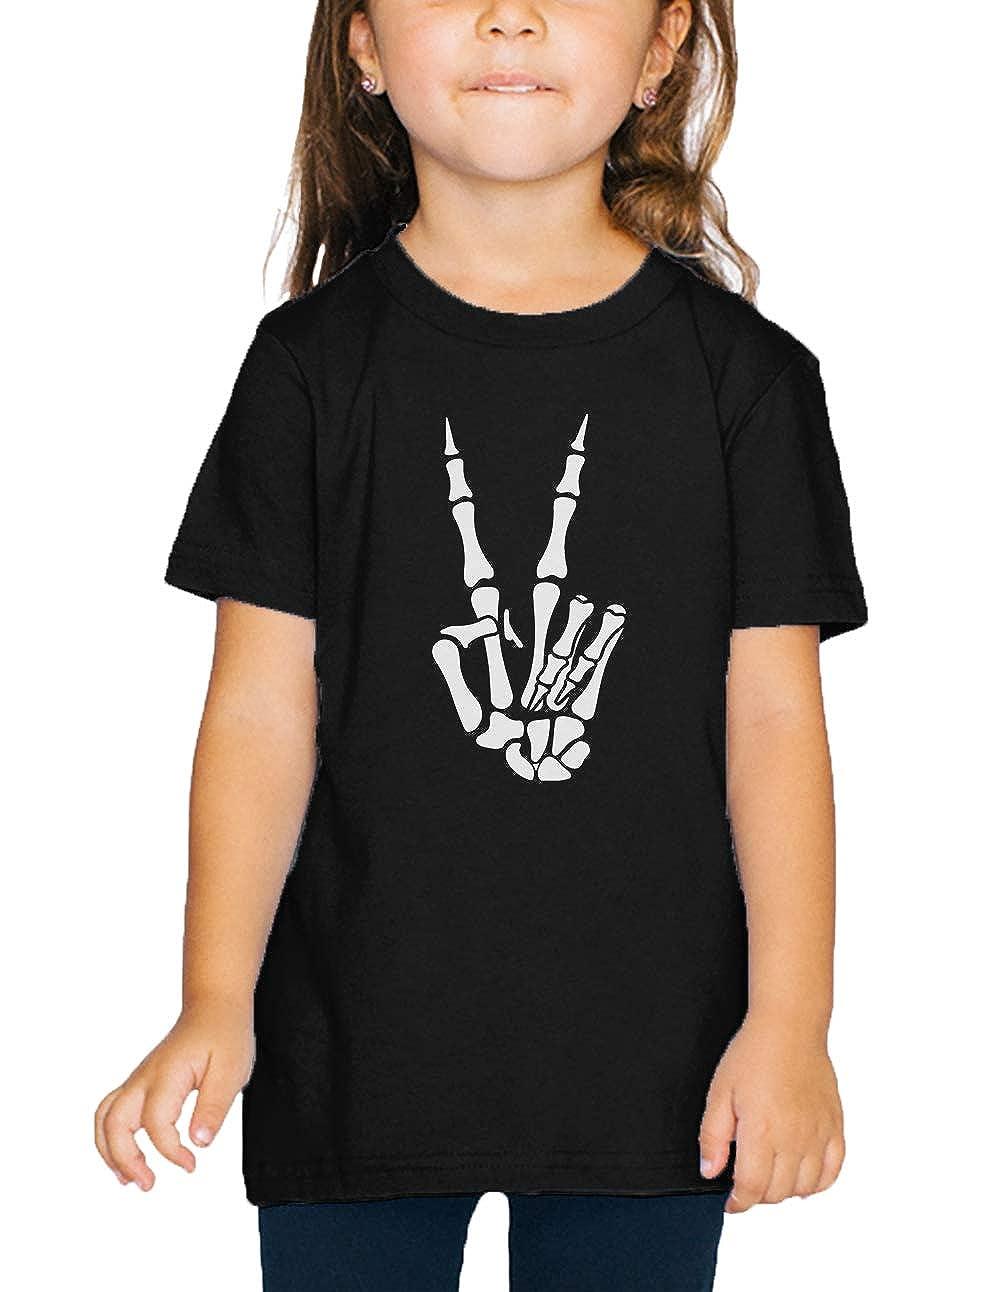 SpiritForged Apparel Skeleton Peace Hand Toddler T-Shirt